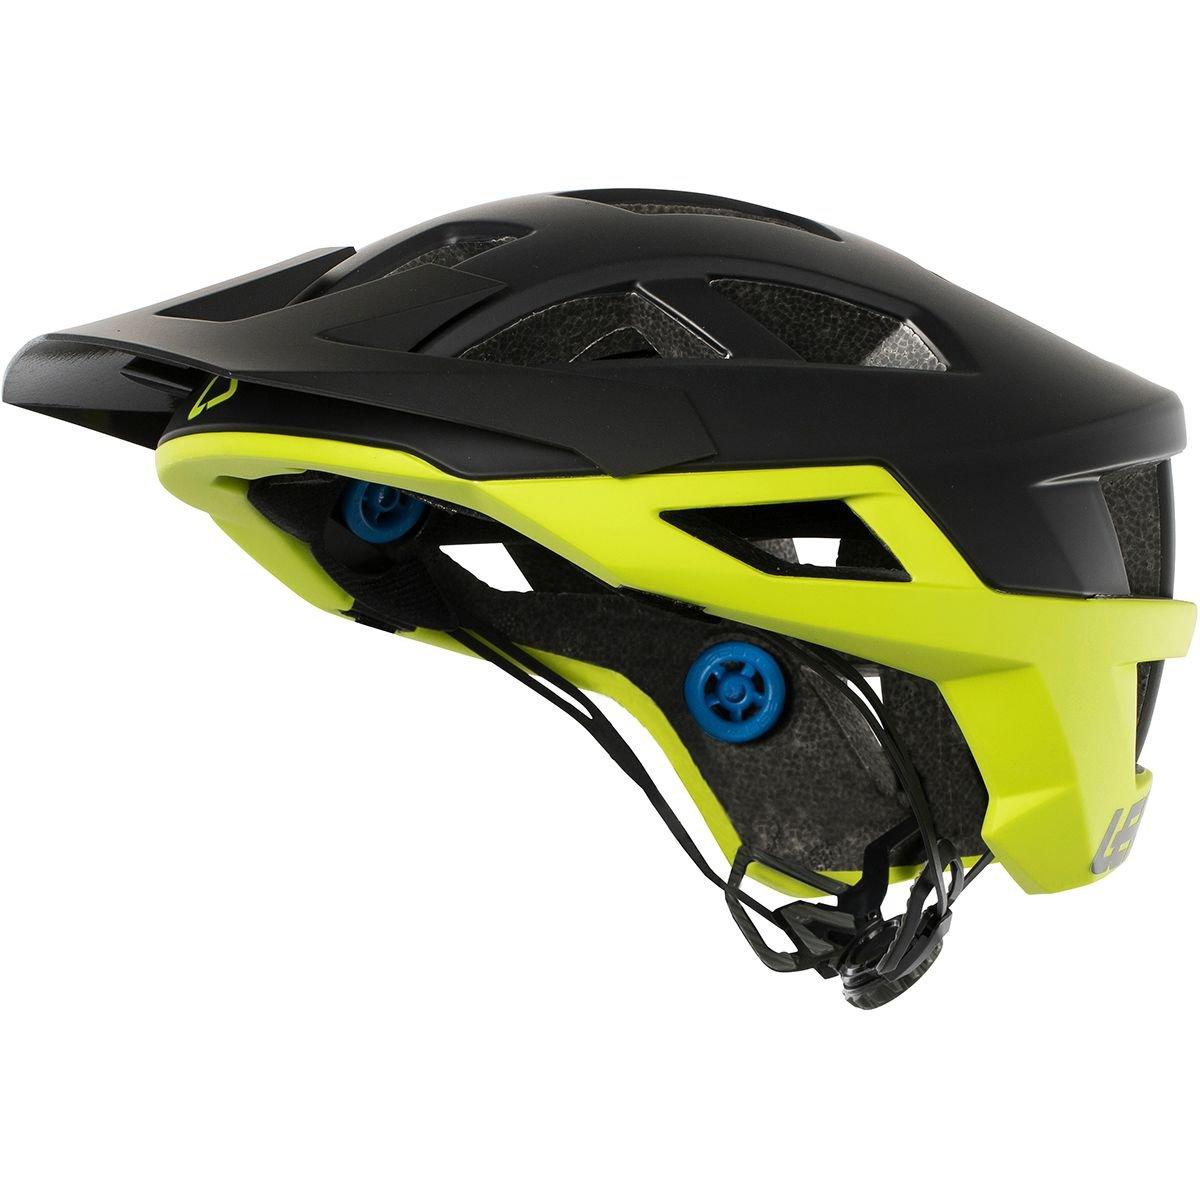 Leatt Trail-MTB-Helm DBX 2.0 Granite Teal